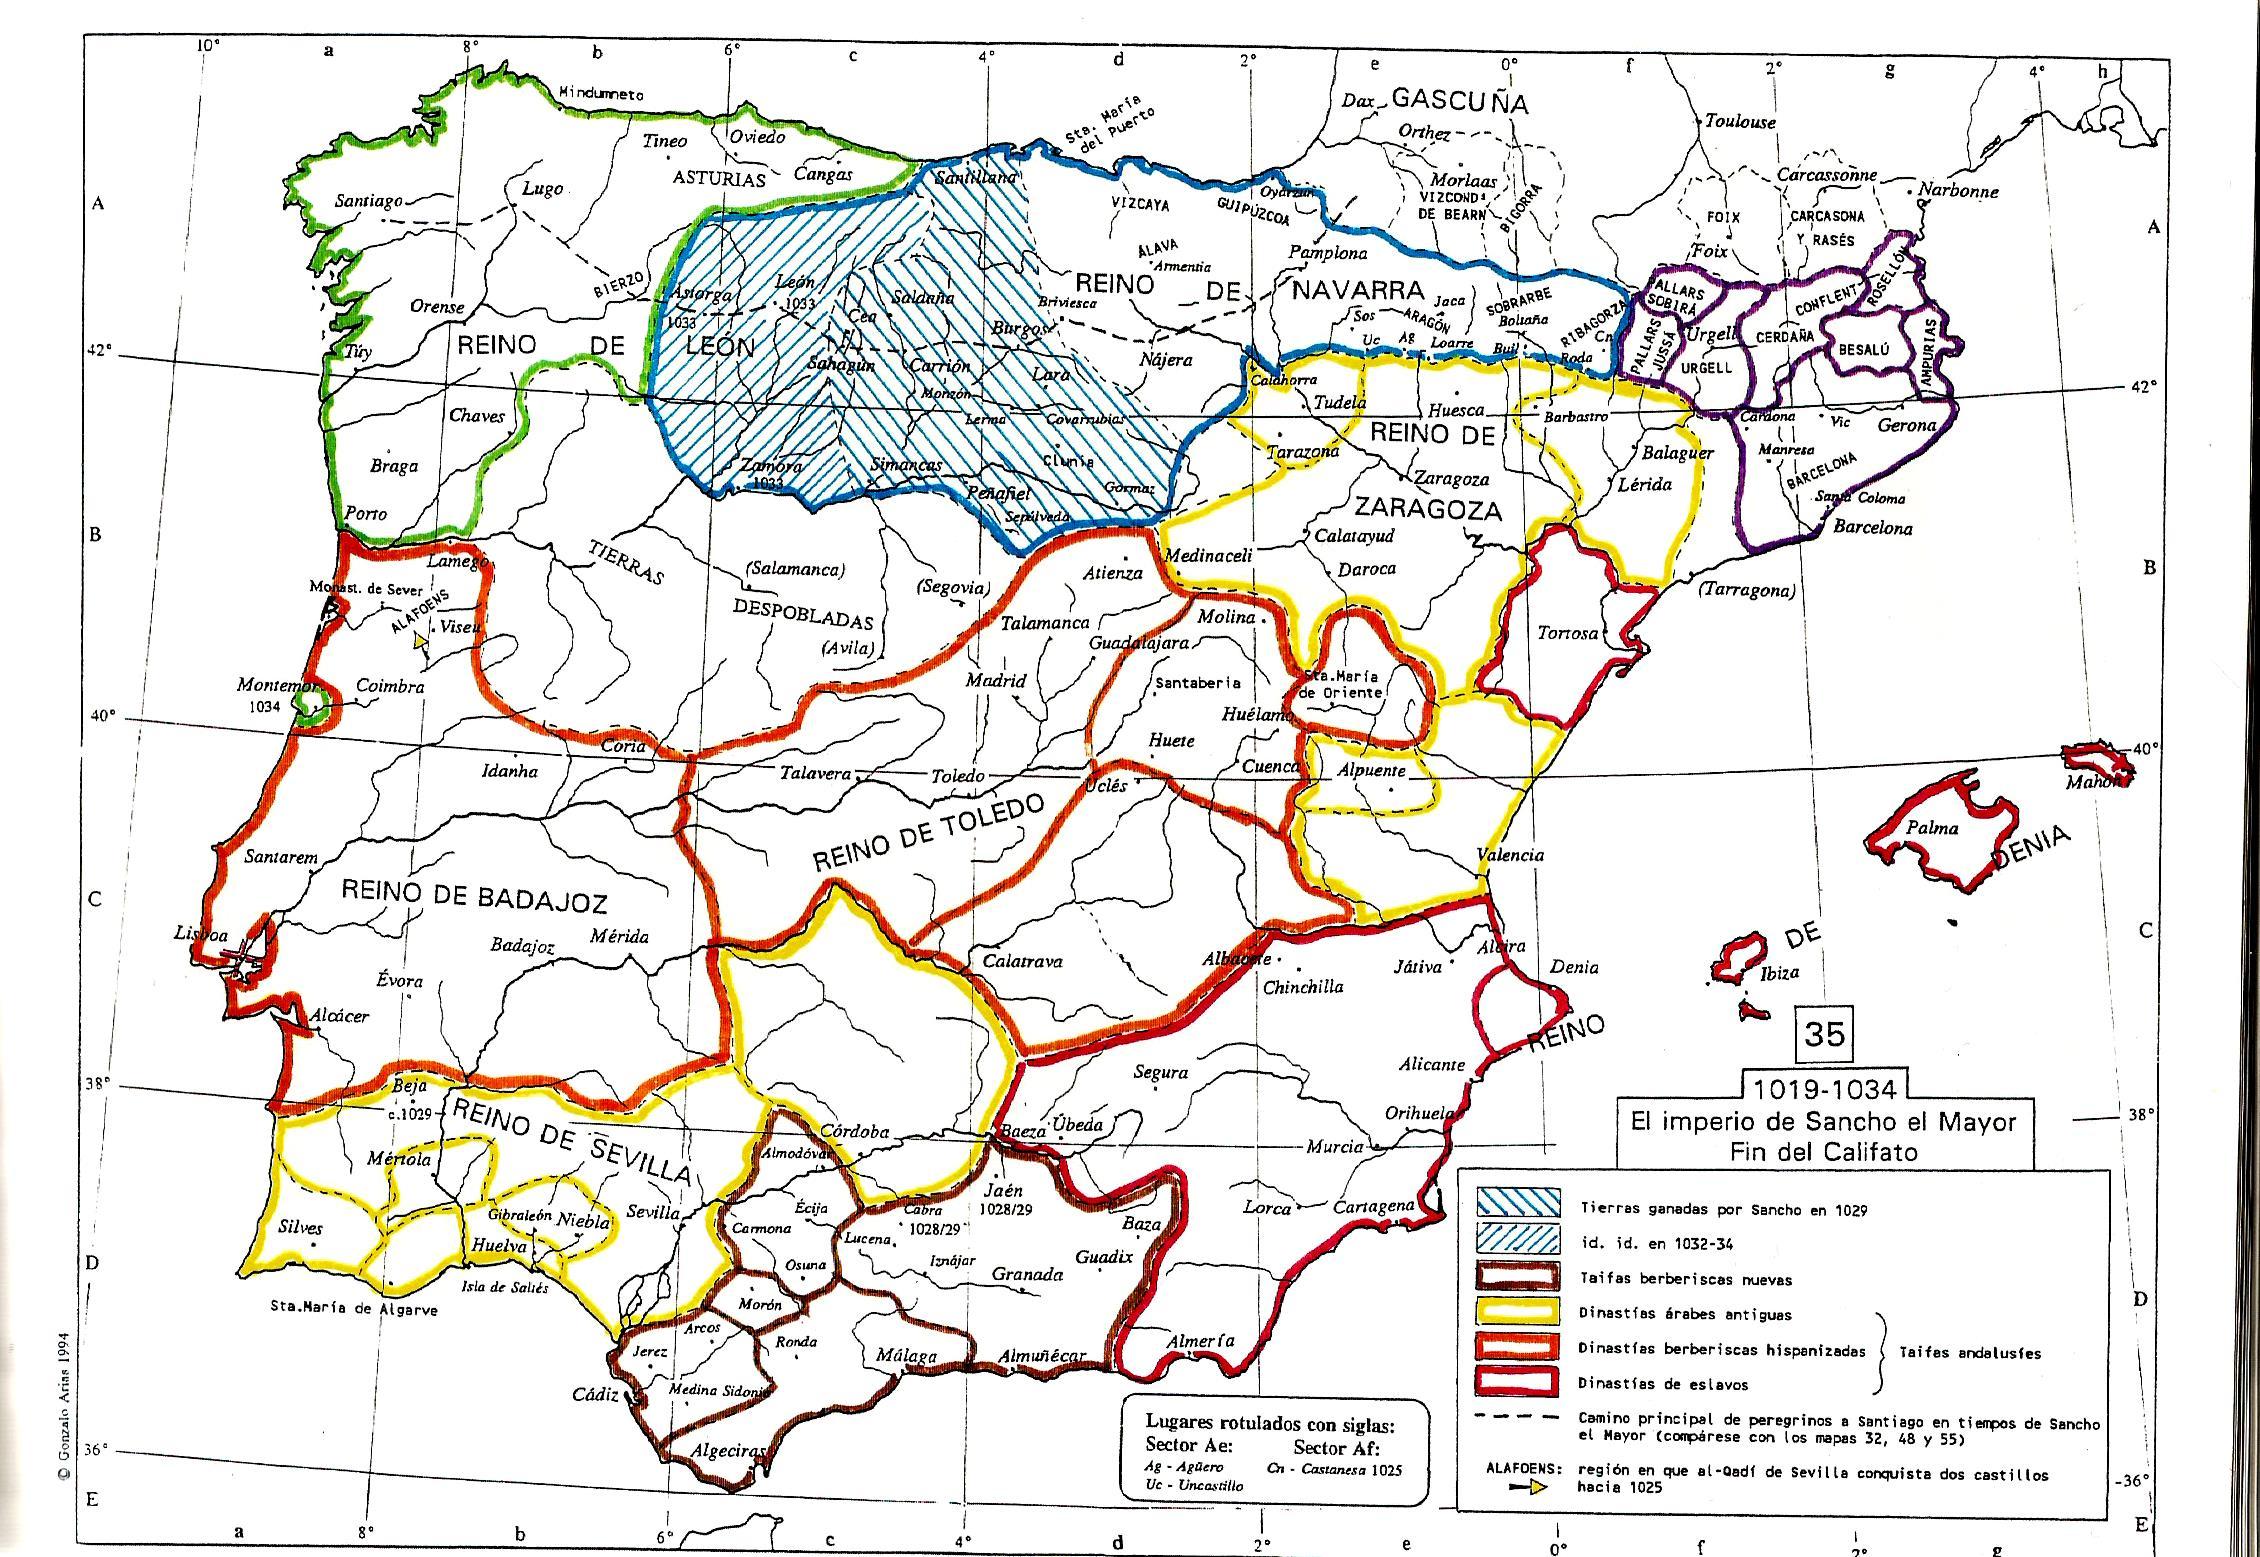 mapas reconquista 3